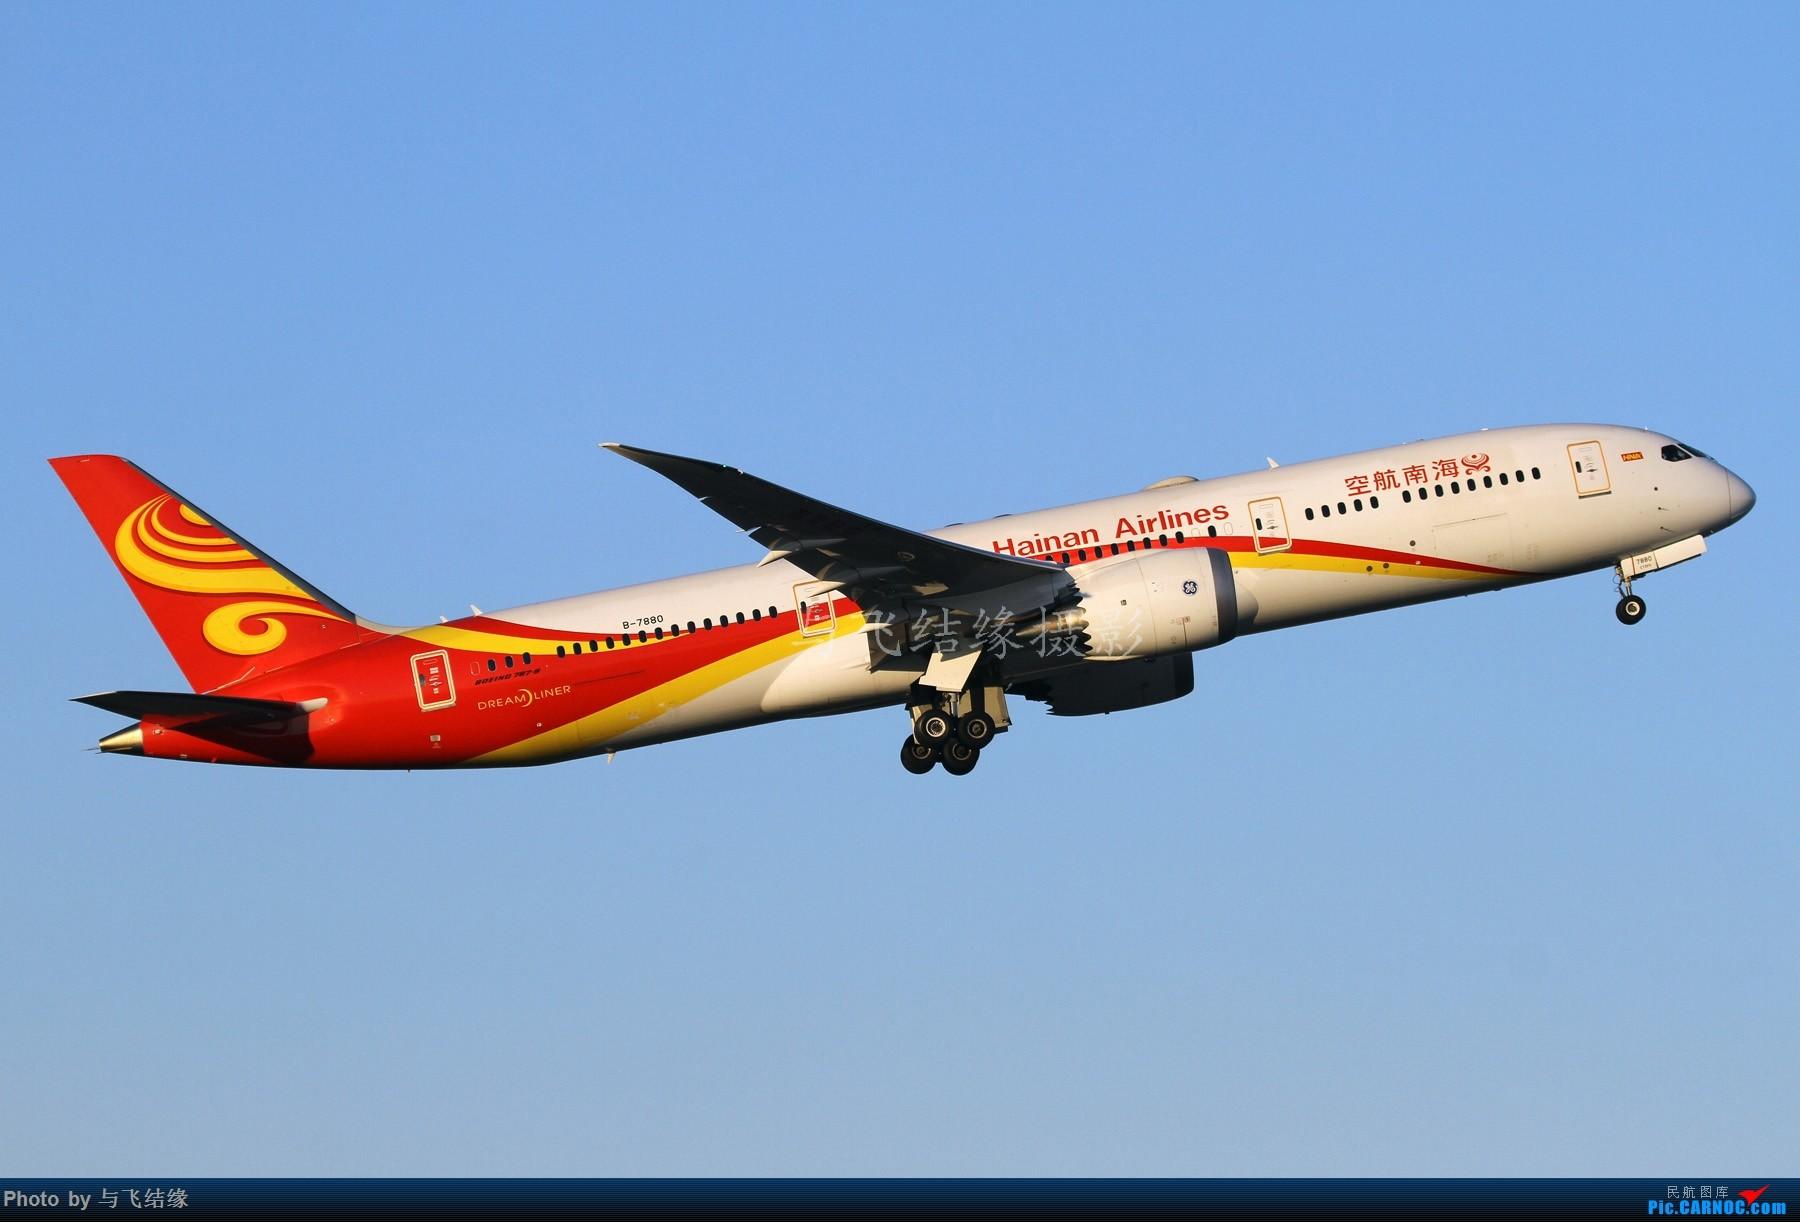 """Re:[原创]""""早起的鸟儿有虫吃""""祥鹏航空,美佳航空,土库曼斯坦航空等! BOEING 787-9 B-7880 中国北京首都国际机场"""